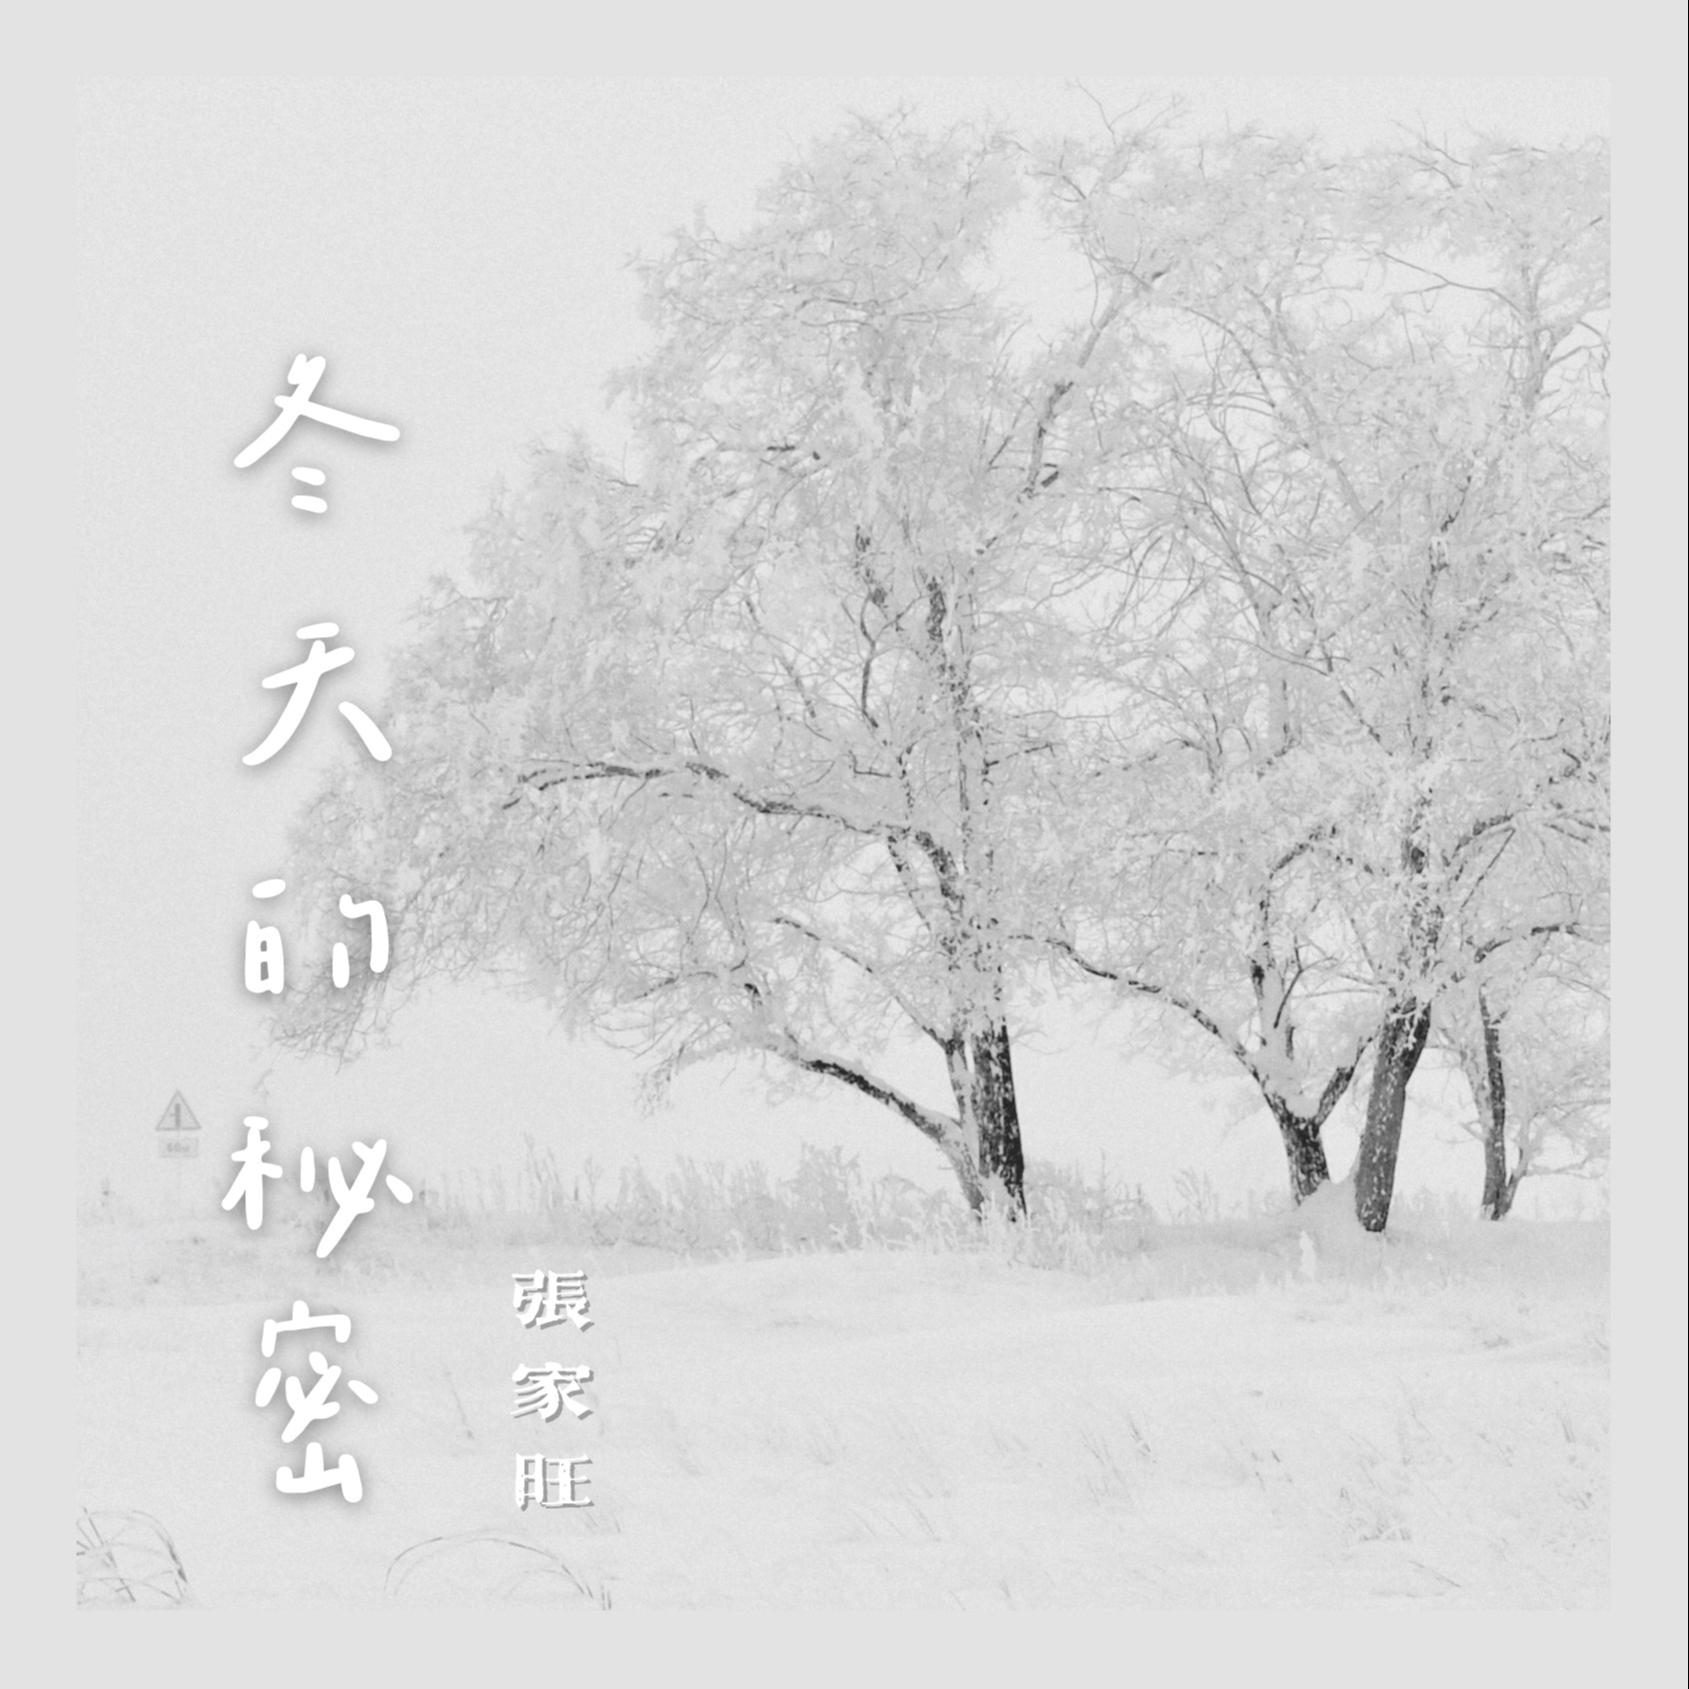 张家旺《冬天的秘密》歌词